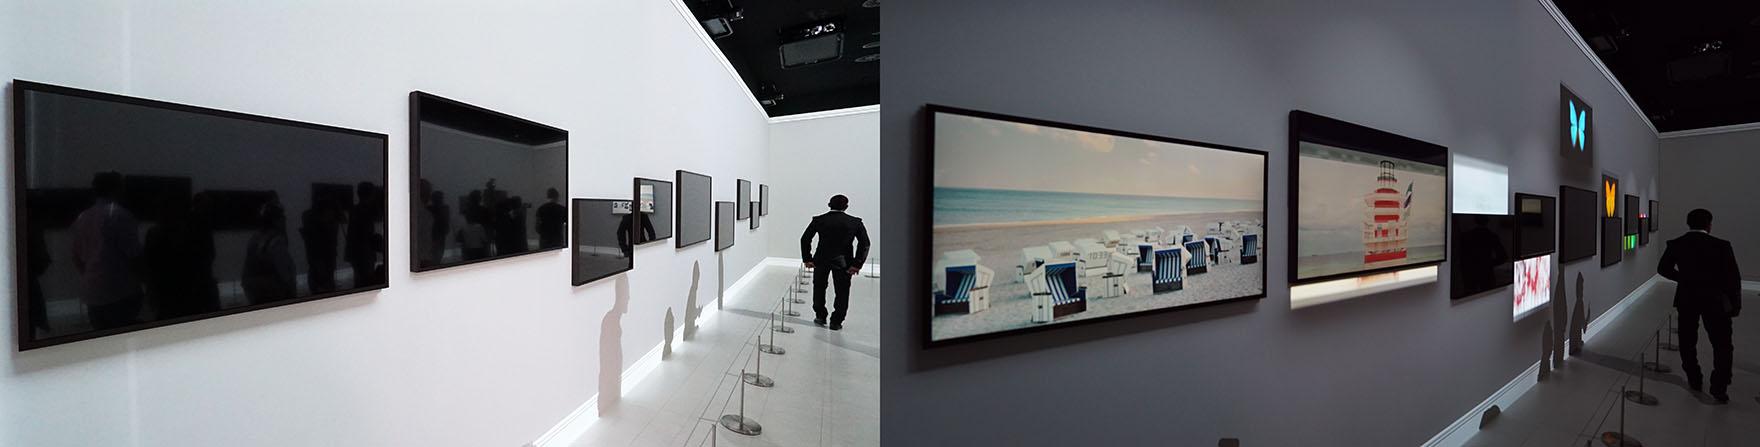 samsung the frame 2 0 tv und digitaler bilderrahmen samt poster shop. Black Bedroom Furniture Sets. Home Design Ideas